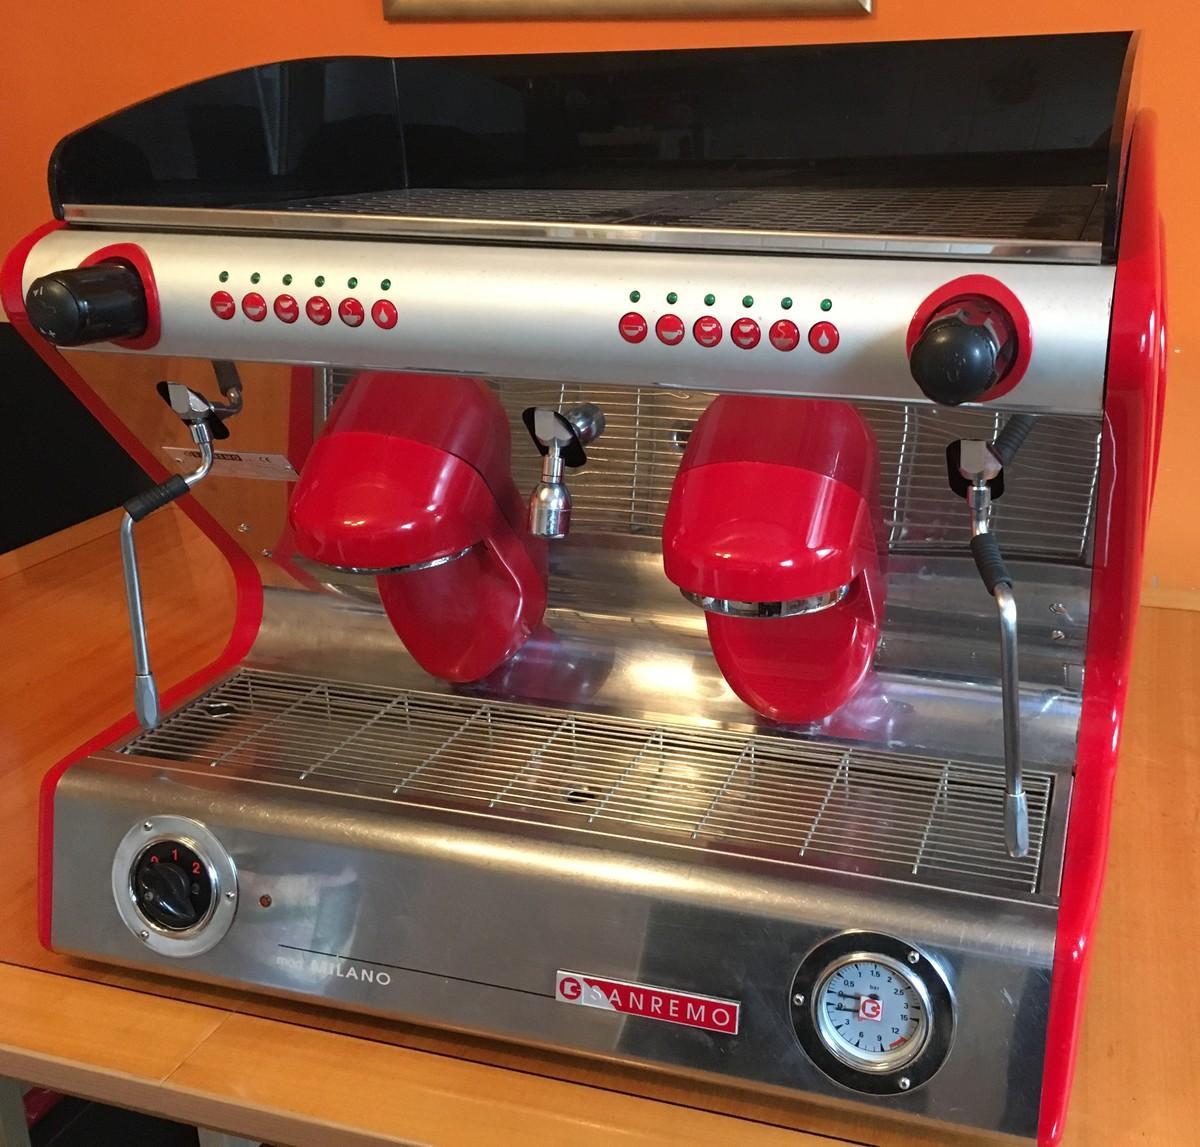 sanremo espresso machine price